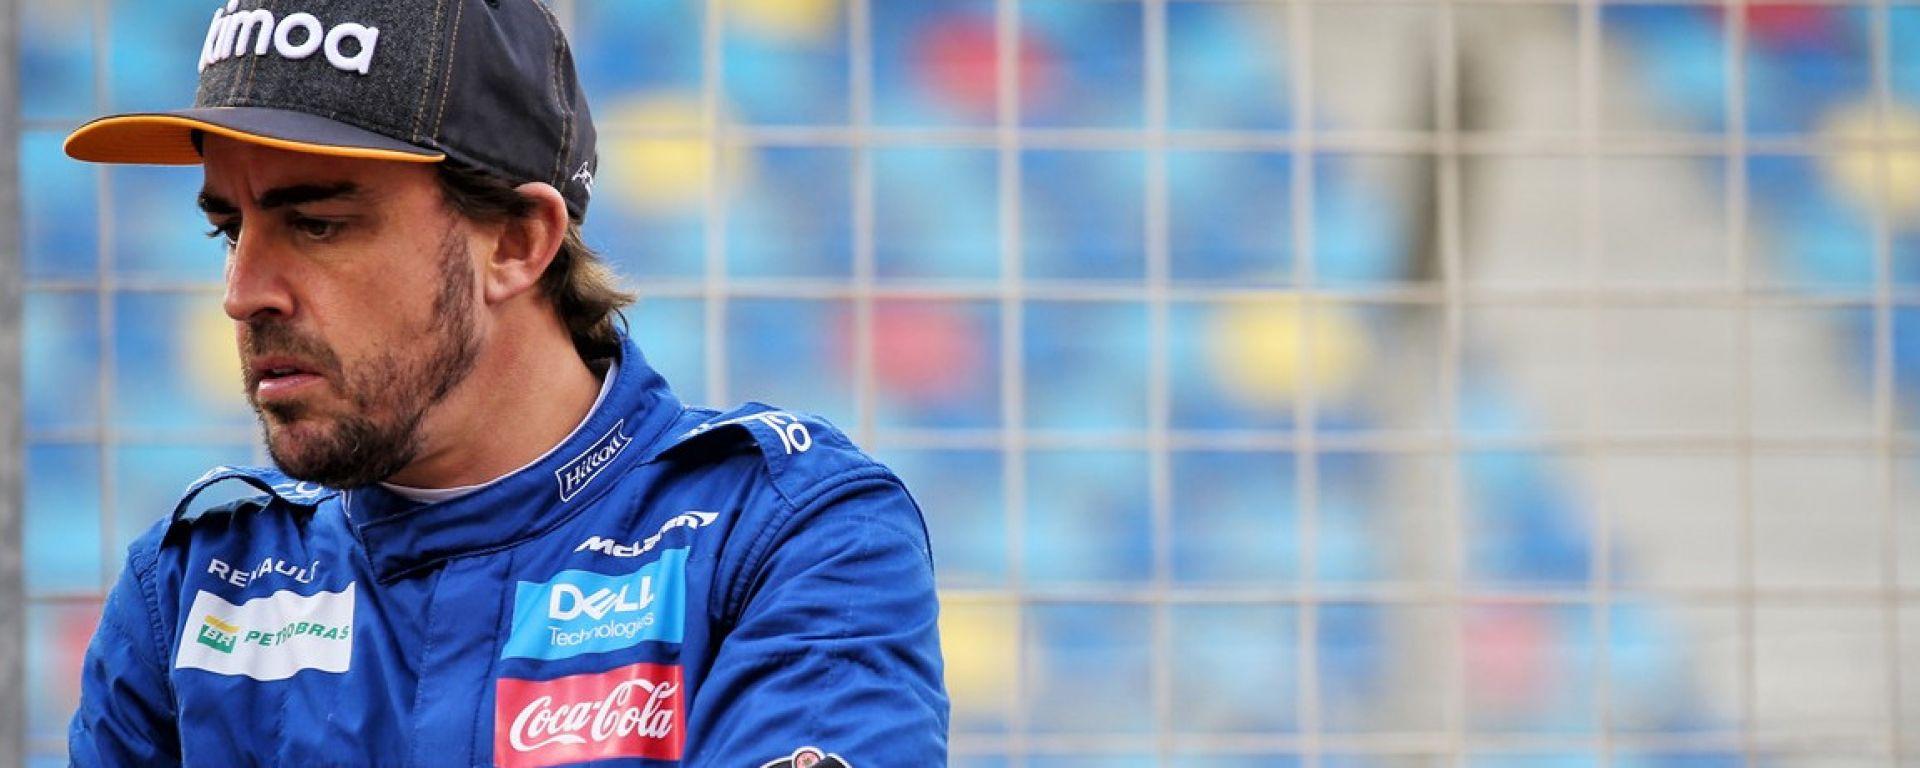 """Alonso: """"Correrò fin quando non troverò qualcuno più forte di me"""""""